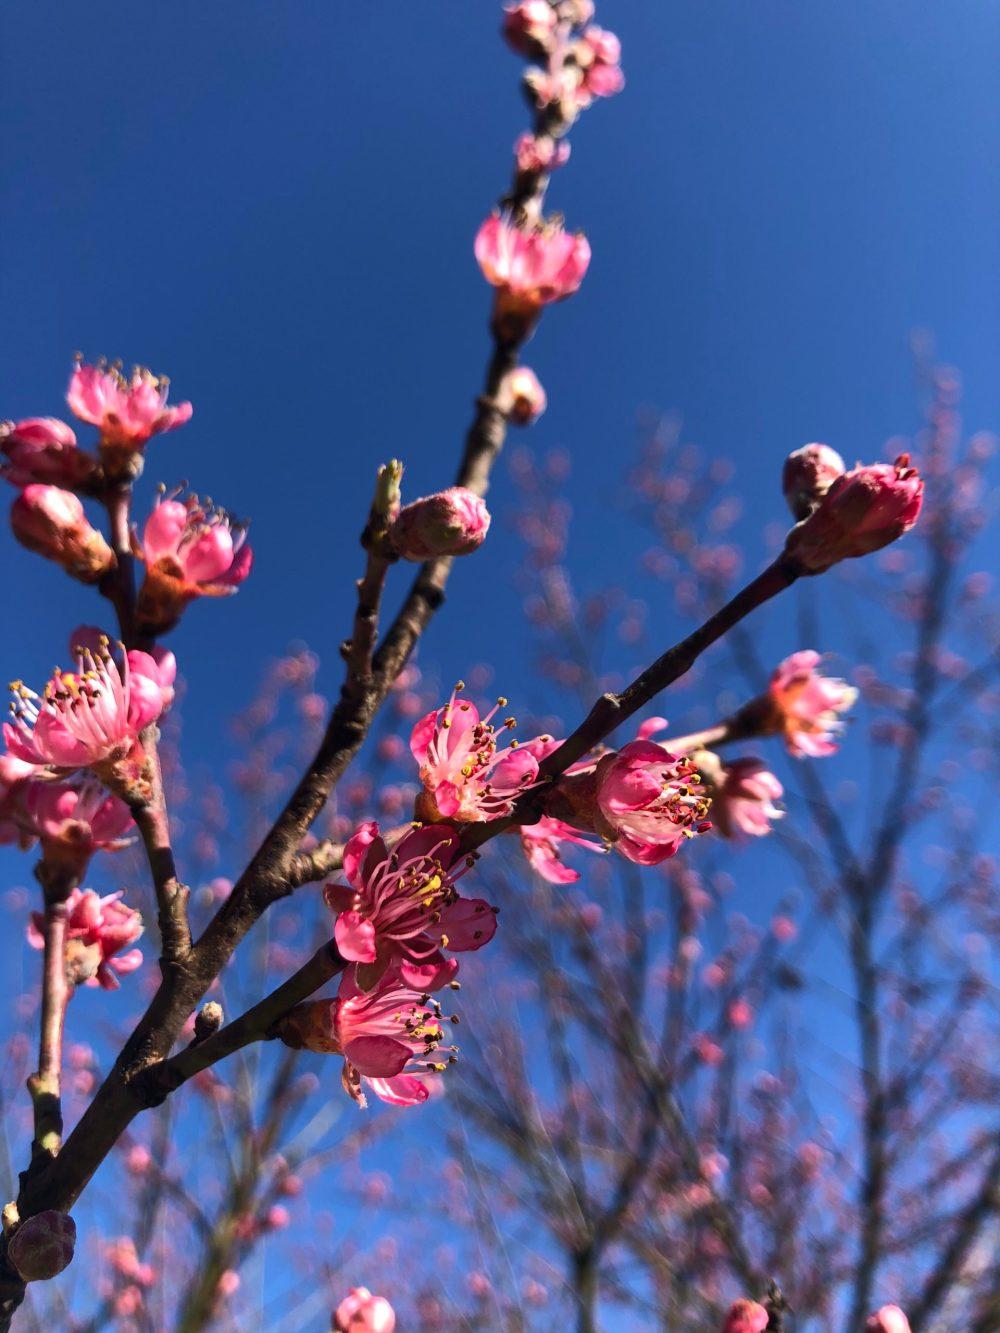 Zweig mit Knospen und Blüten des Pfirsichbaum